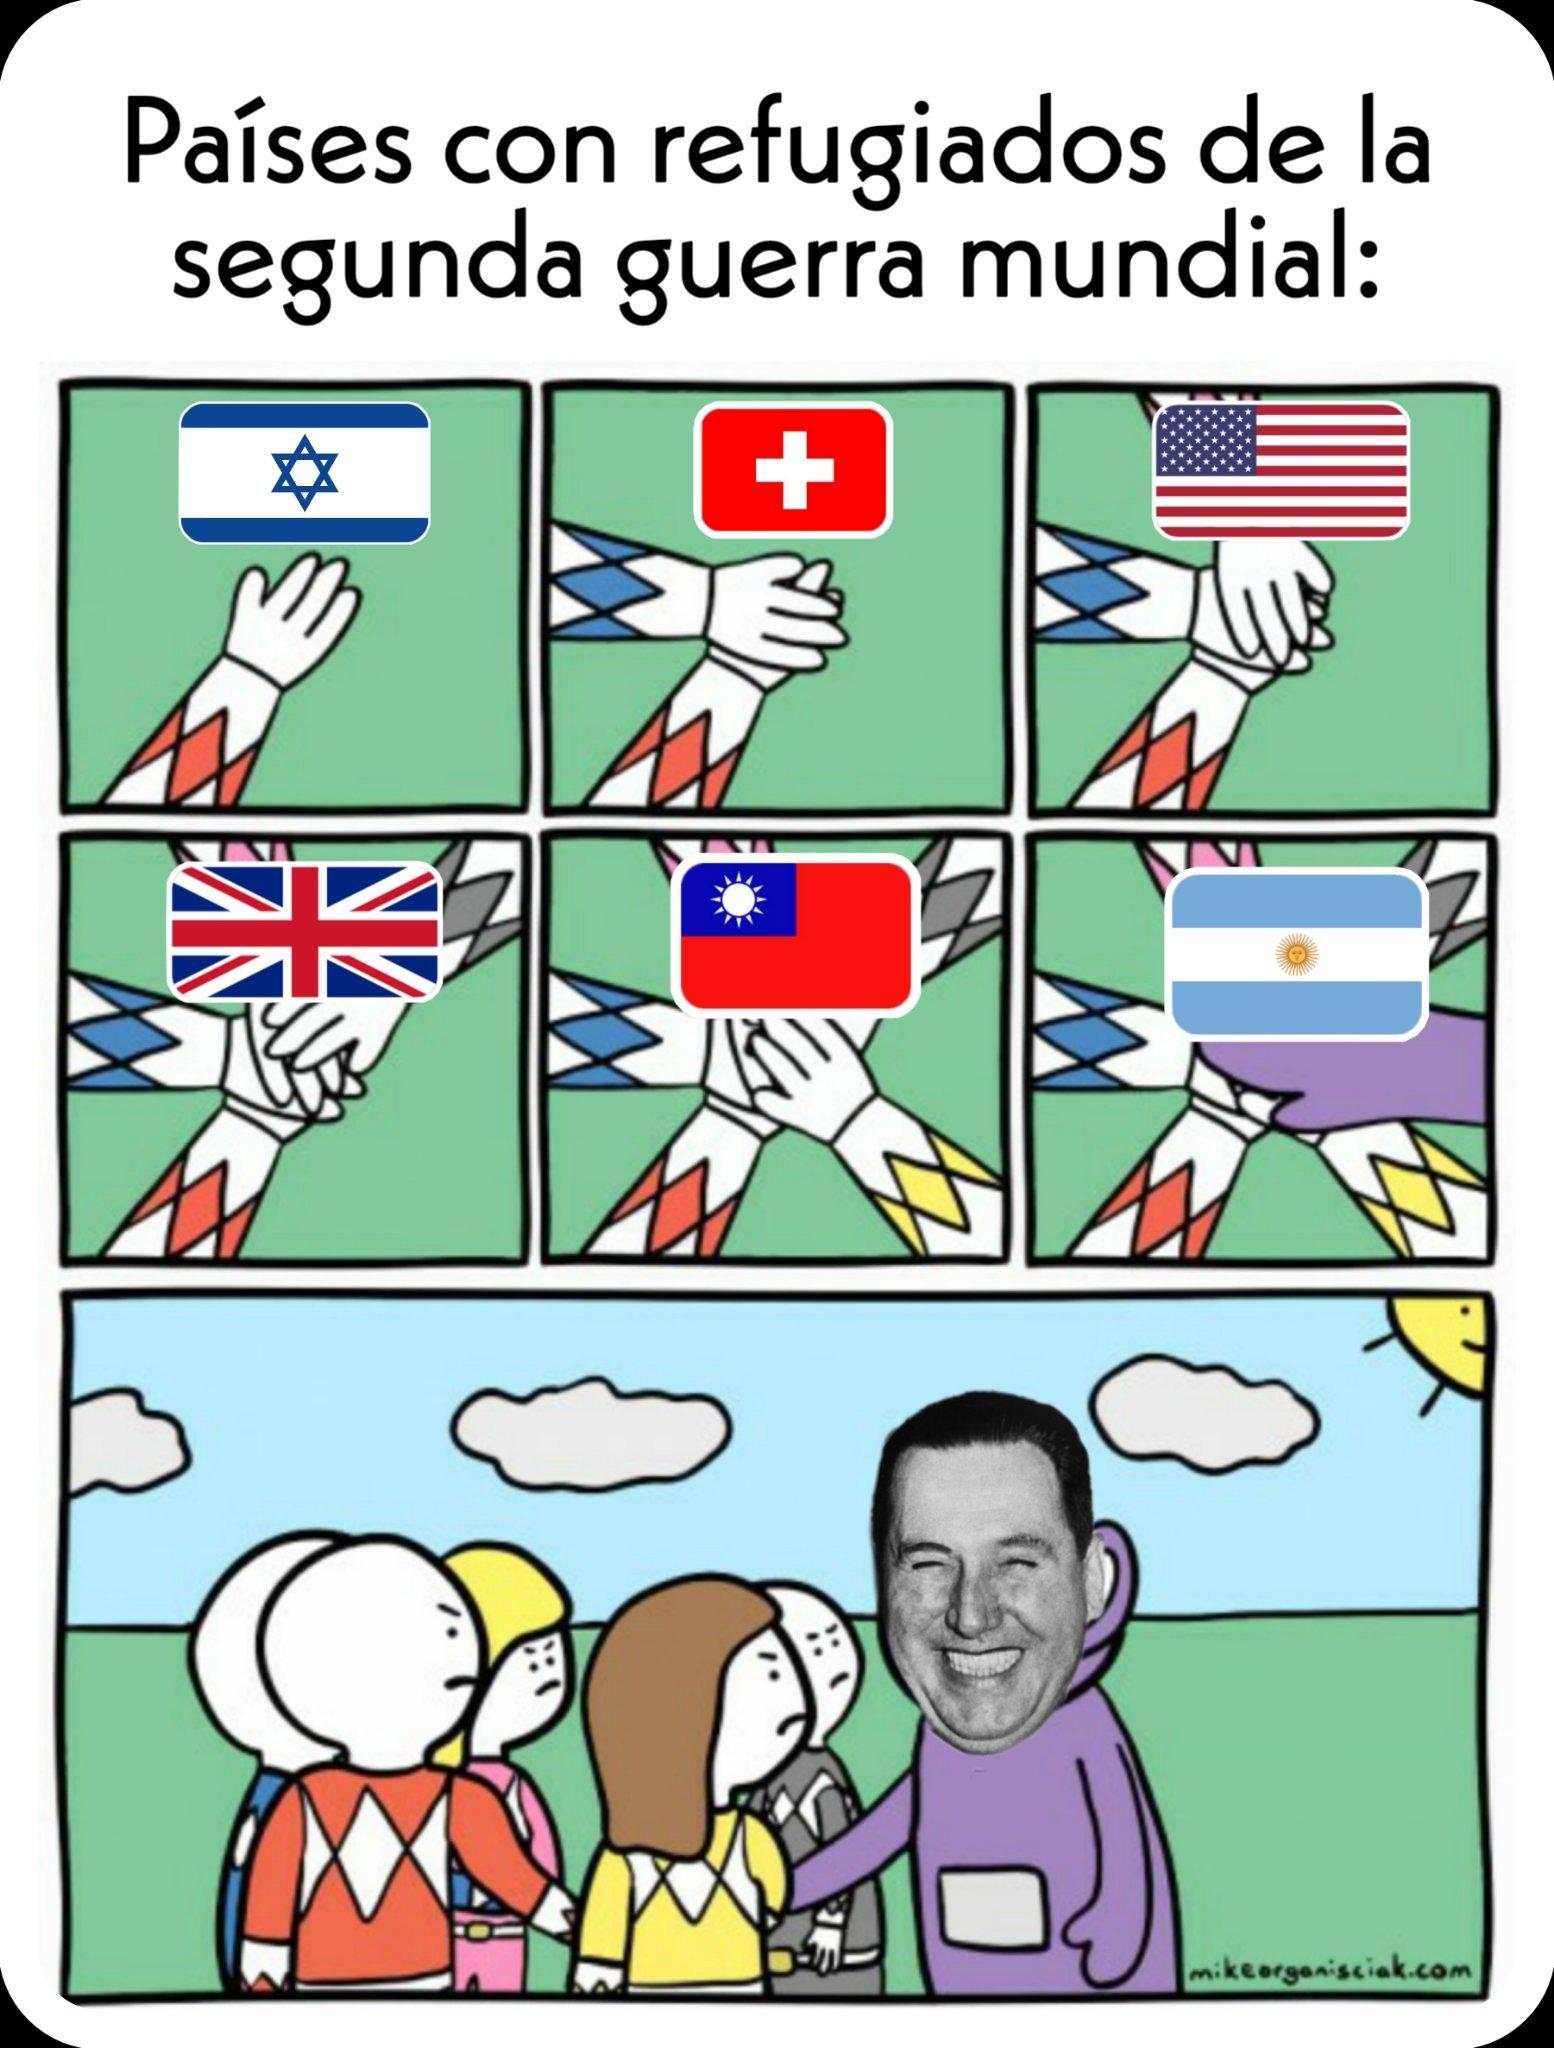 Refugiados nazis - meme